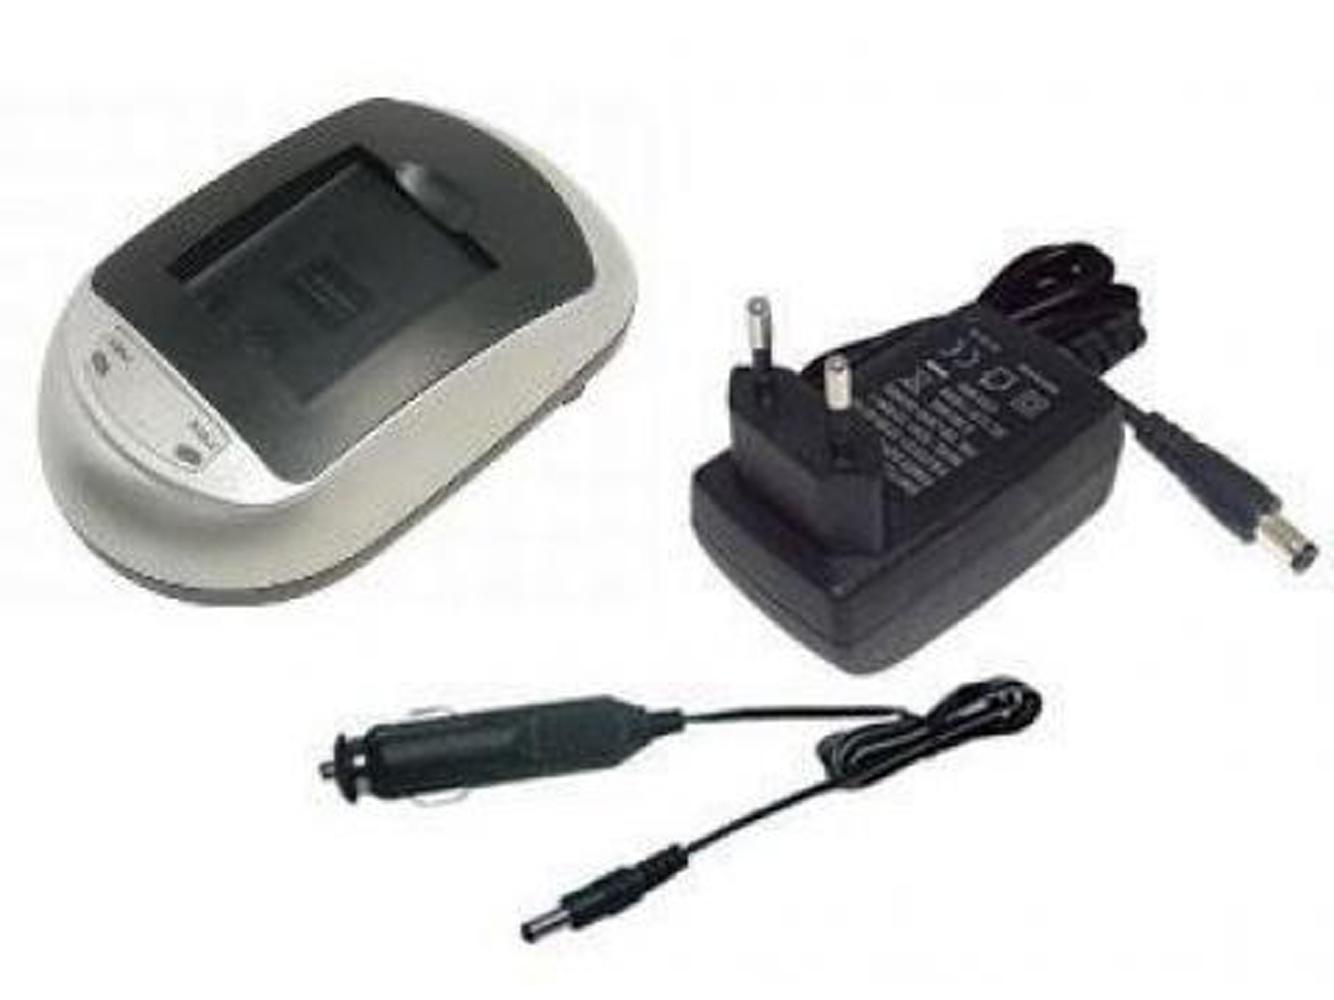 Battery Charger for PANASONIC CGA-S004, CGA-S004A/1B, CGA-S004E/1B, DE-992A, DMW-BCB7, DMW-CAC2, DMW-CAC2EG